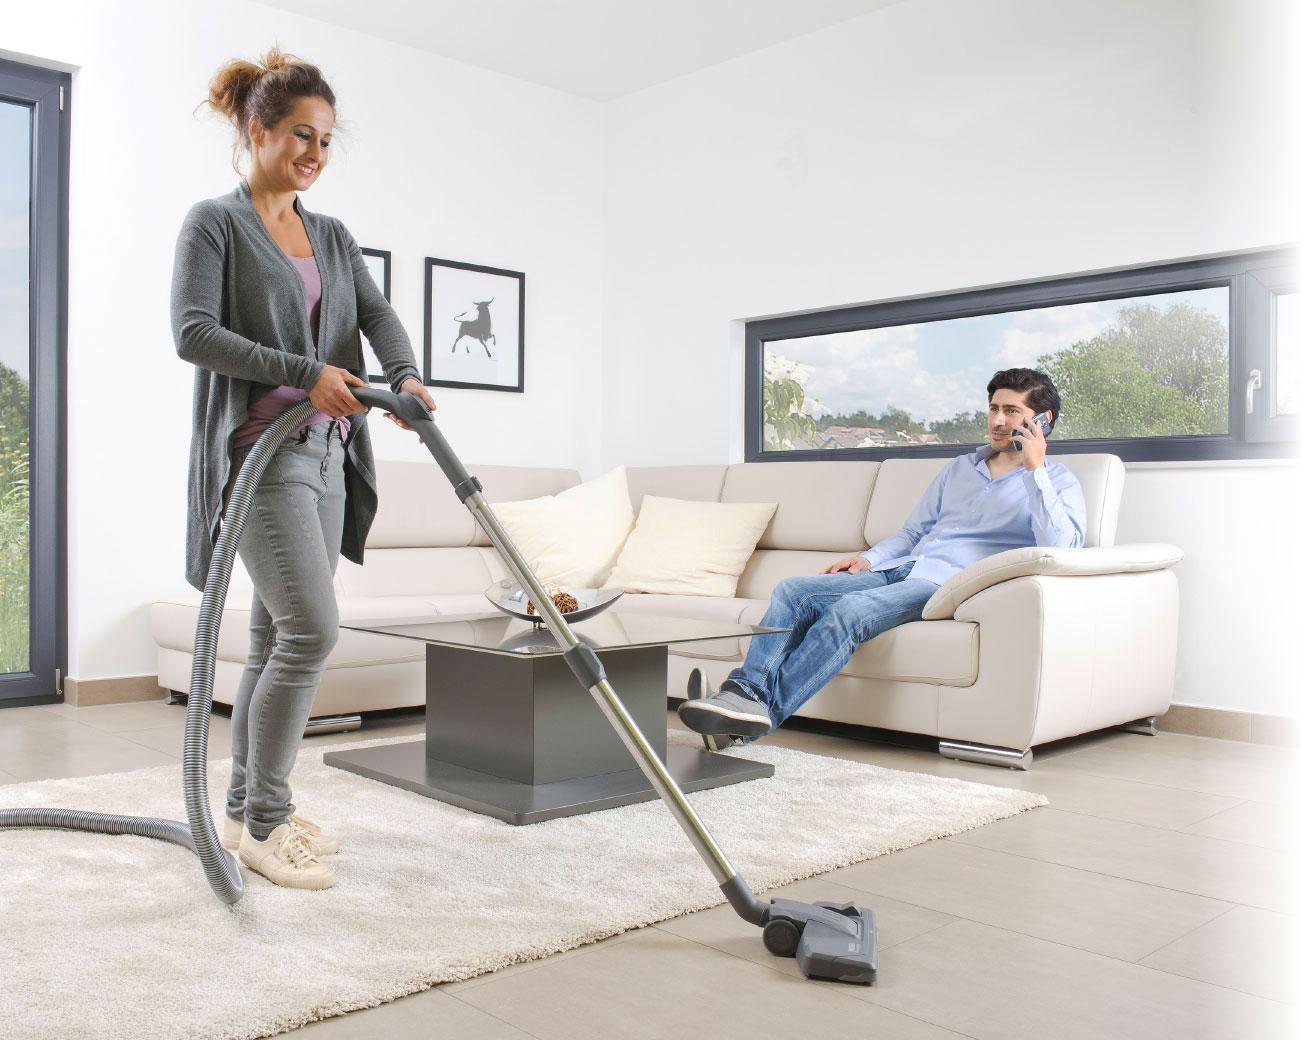 mehr komfort bei der hausreinigung mit der zentralsauganlage von thomas thomas centraclean. Black Bedroom Furniture Sets. Home Design Ideas